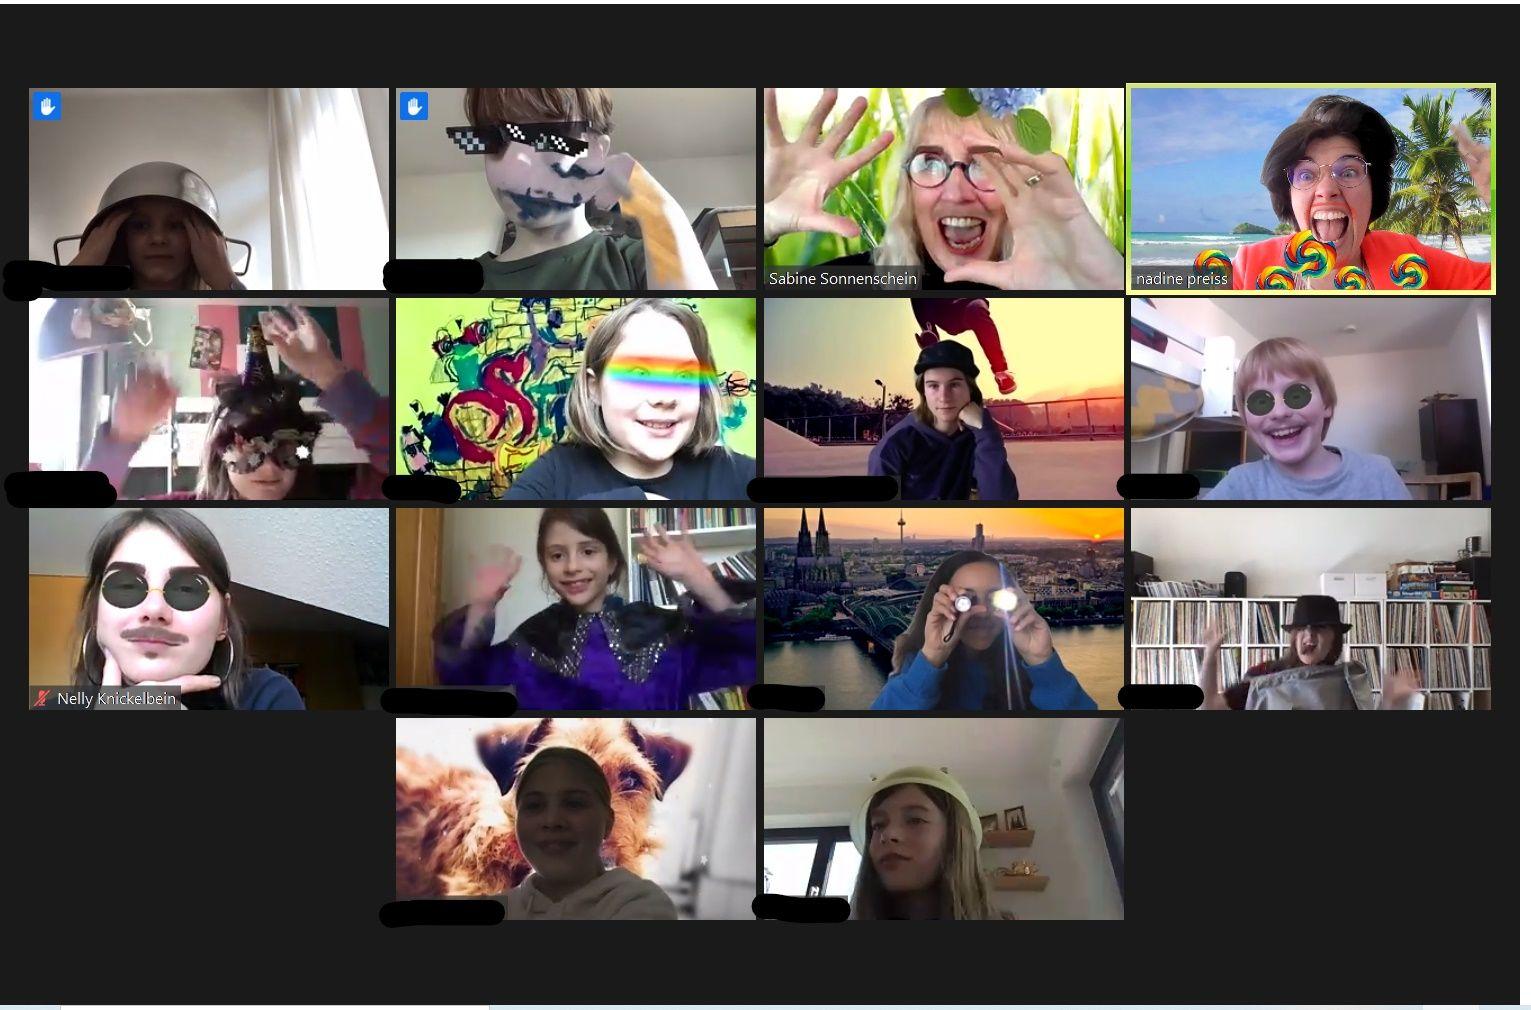 Vierzehn Kinder mit Maske, die vor einer Webcam sitzen und Grimmassen schneiden